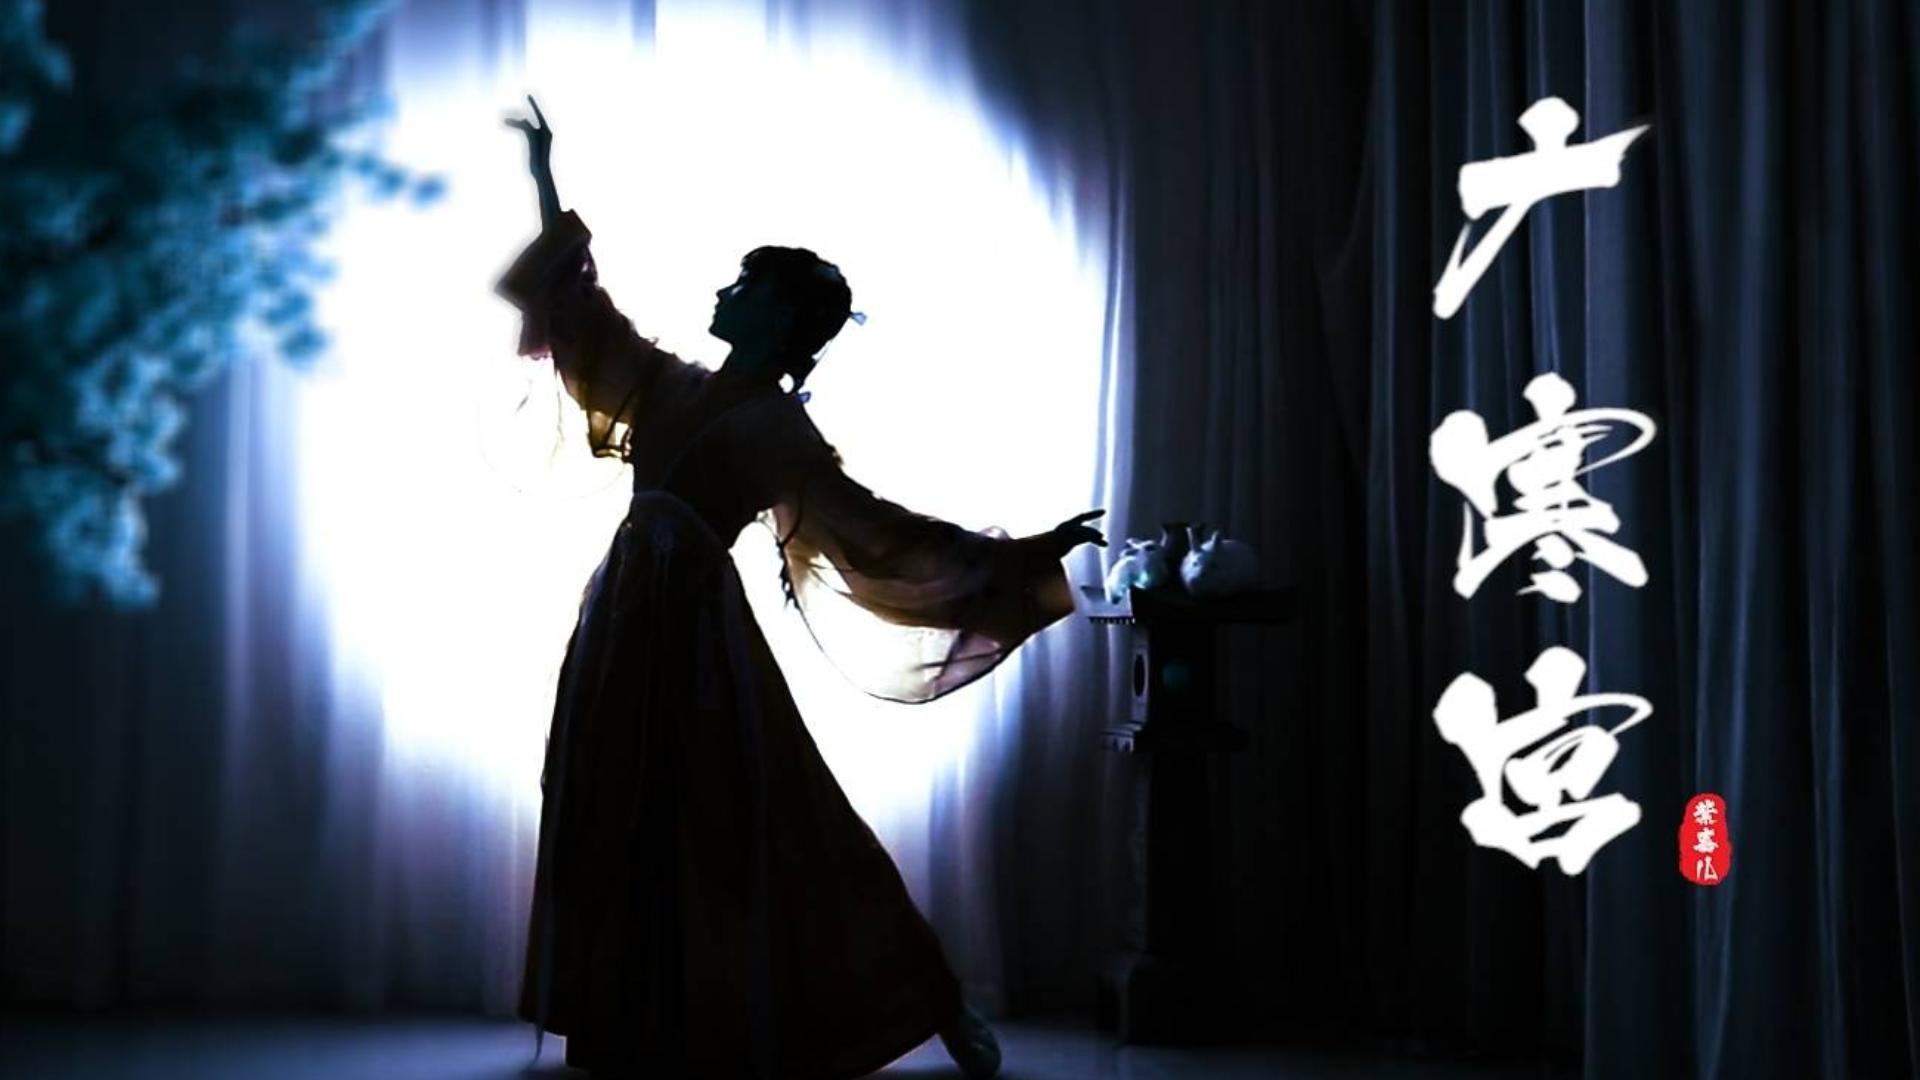 【紫嘉儿】嫦娥最近不下凡【广寒宫】原创编舞✿